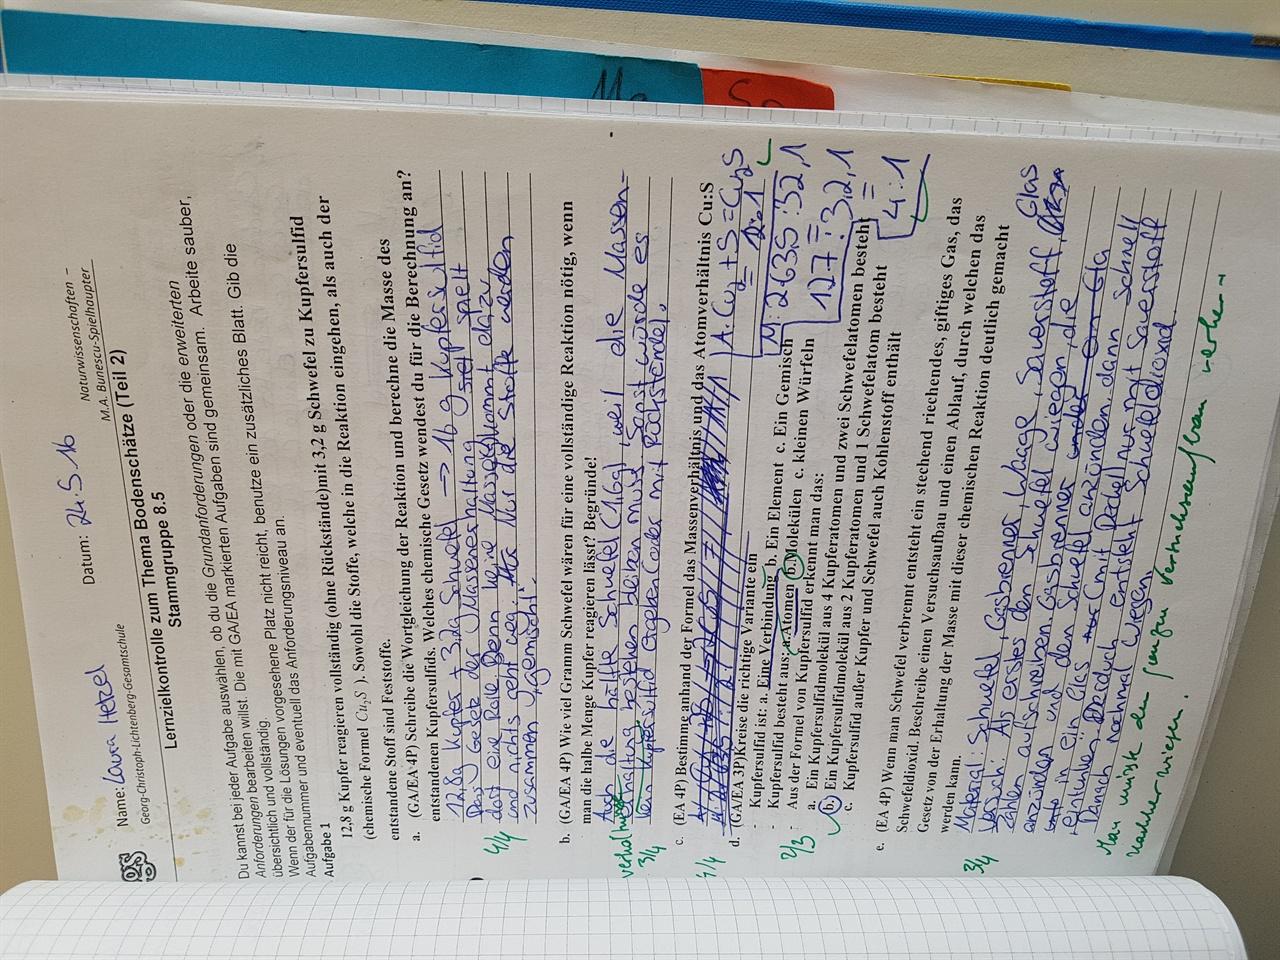 학생 평가서 괴팅겐 통합학교에서는 과목별 평가서, 수업태도, 과제 수행 능력, 조모임에서의 역할 등을 학생별로 세세하게 기록한다.